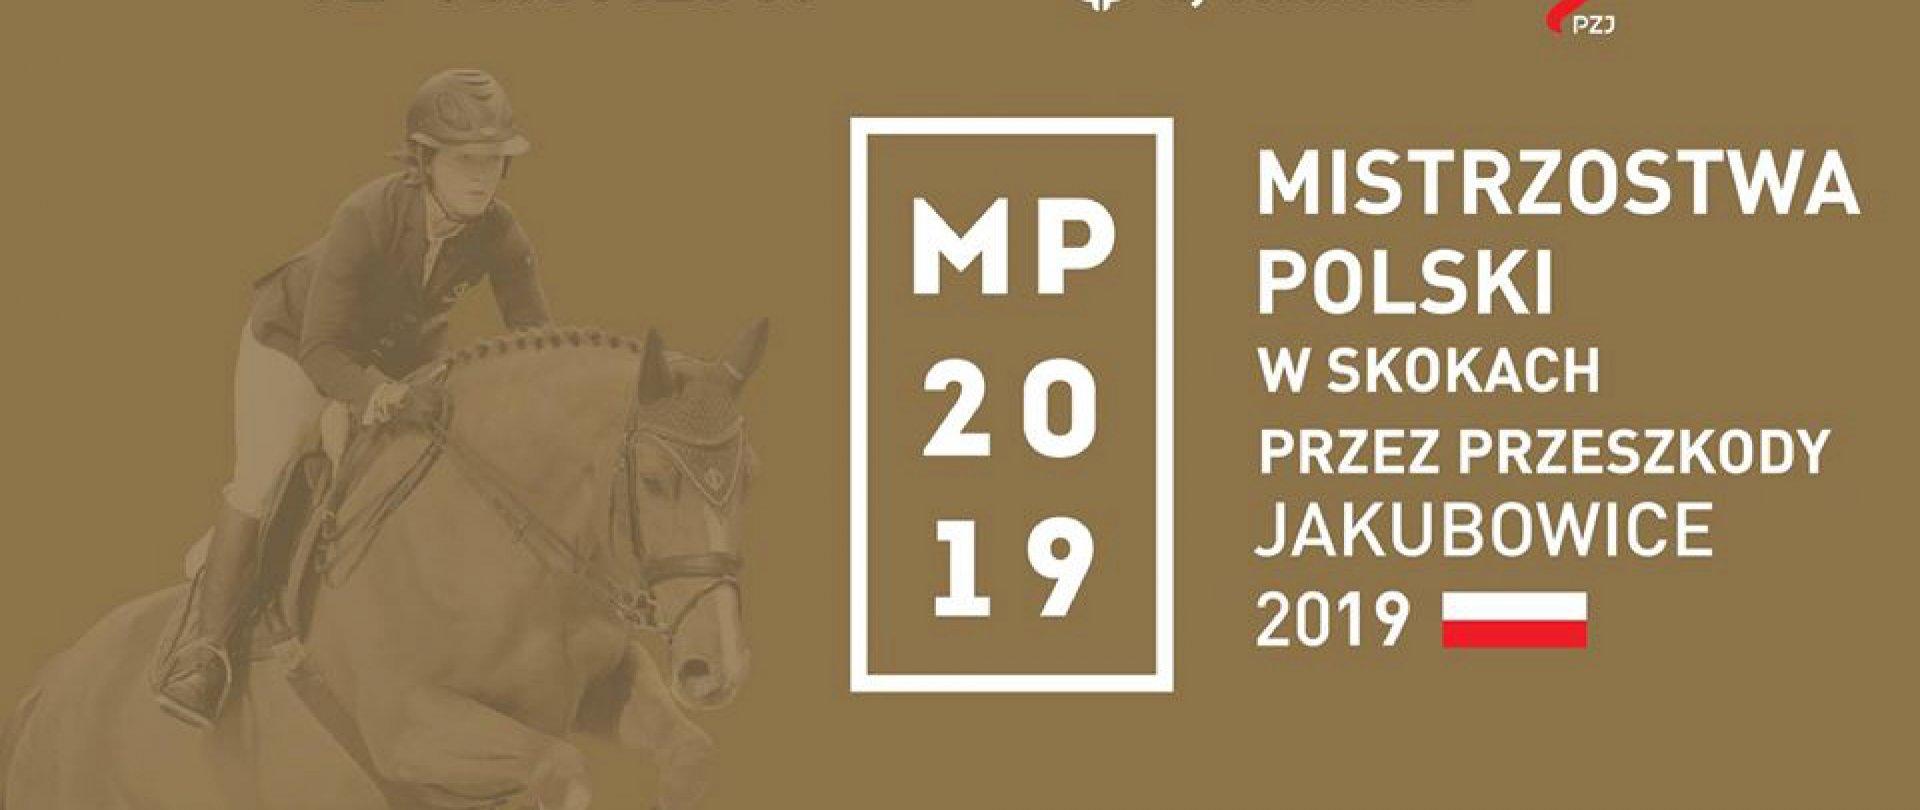 Mistrzostwa Polski w Skokach przez Przeszkody 12-15.09.2019